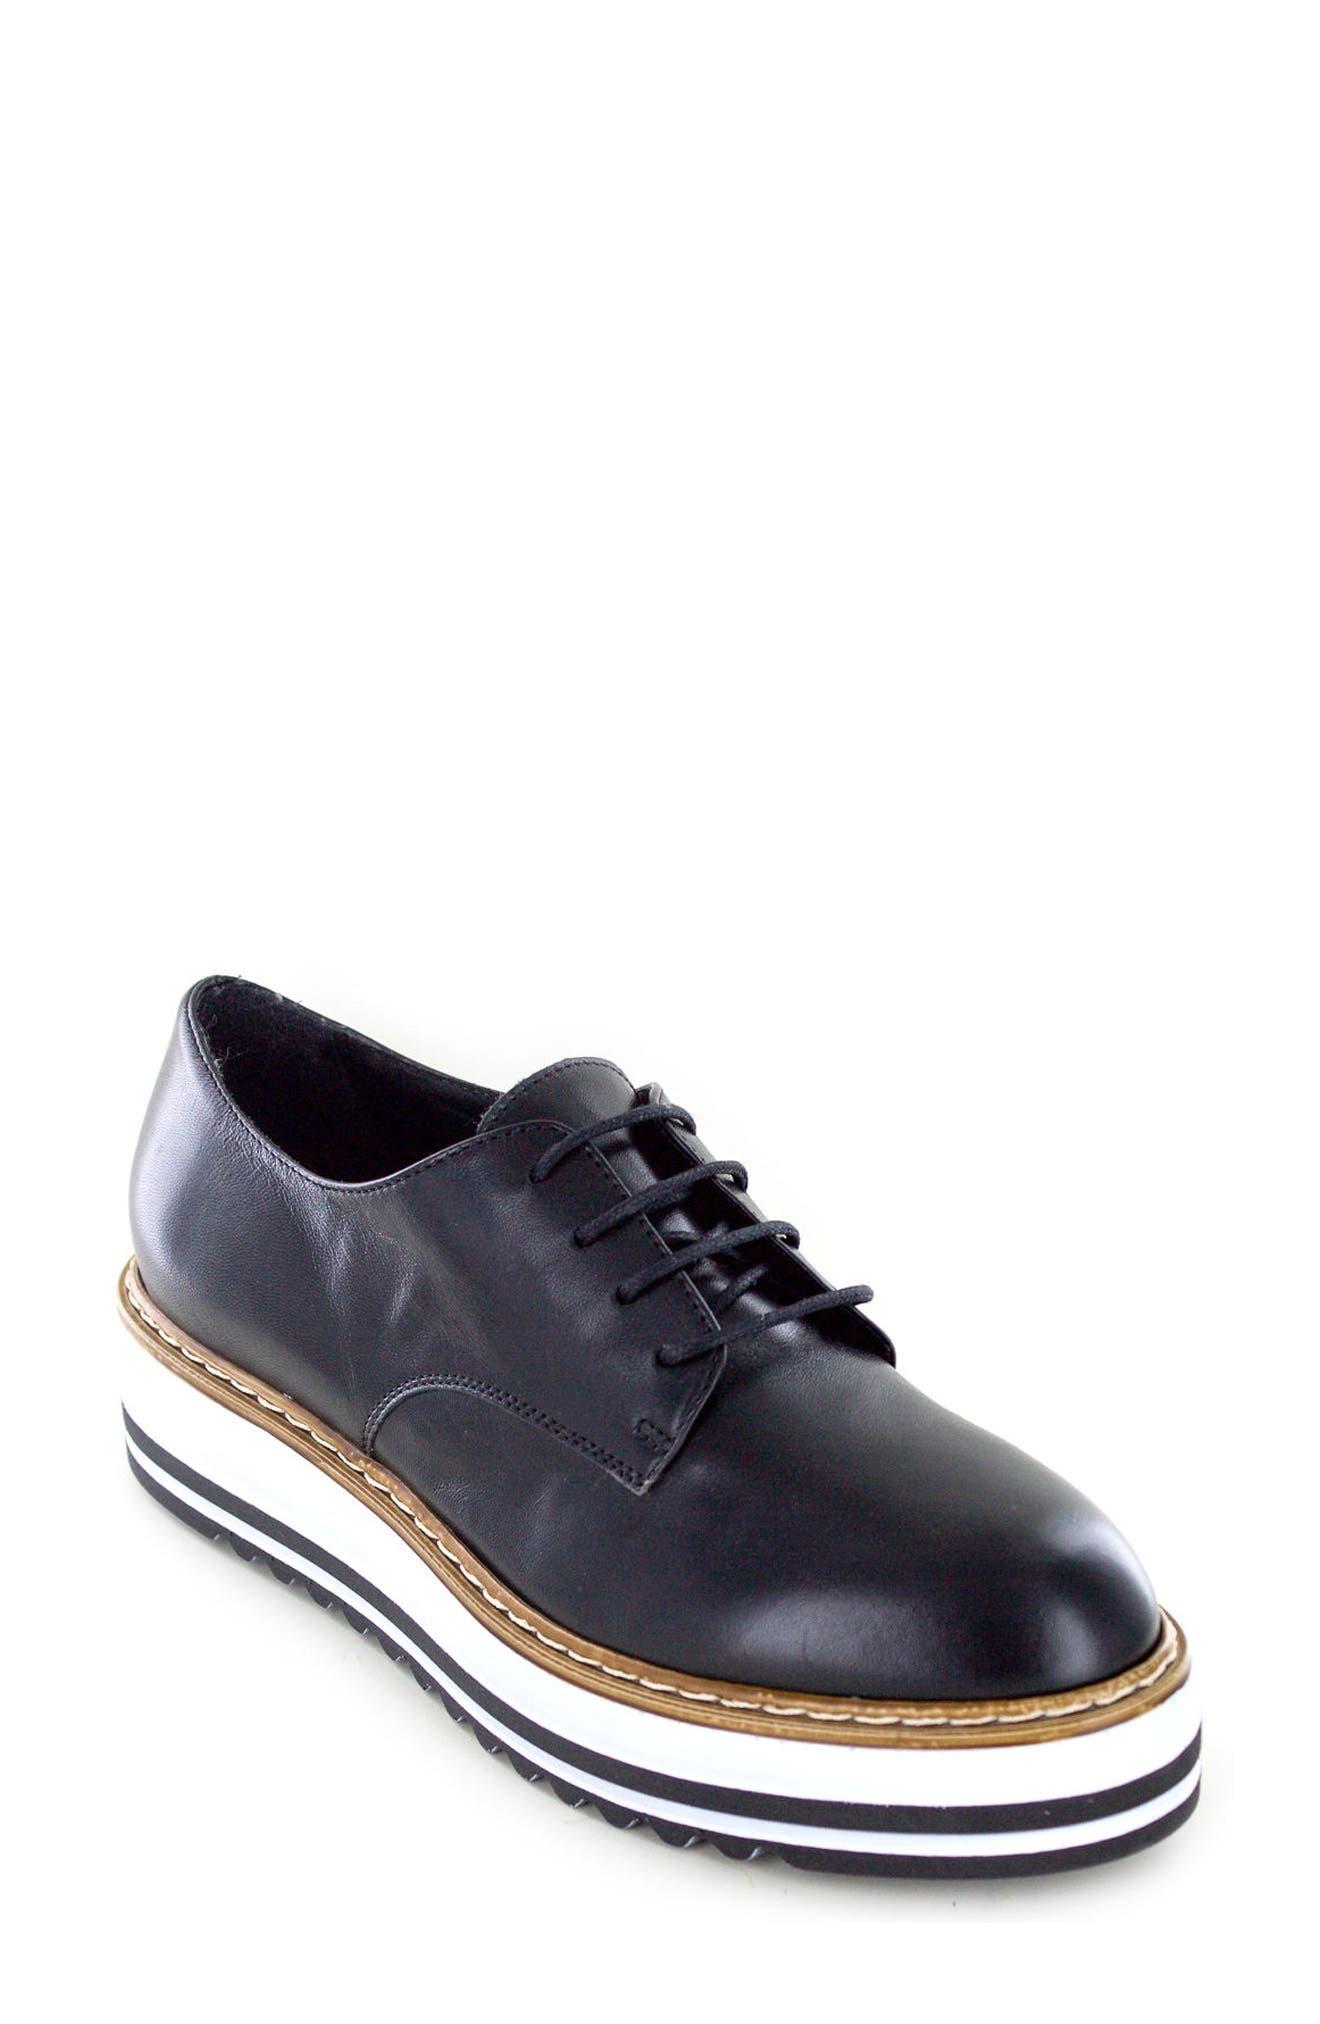 Belinda Platform Oxford,                         Main,                         color, Black Leather